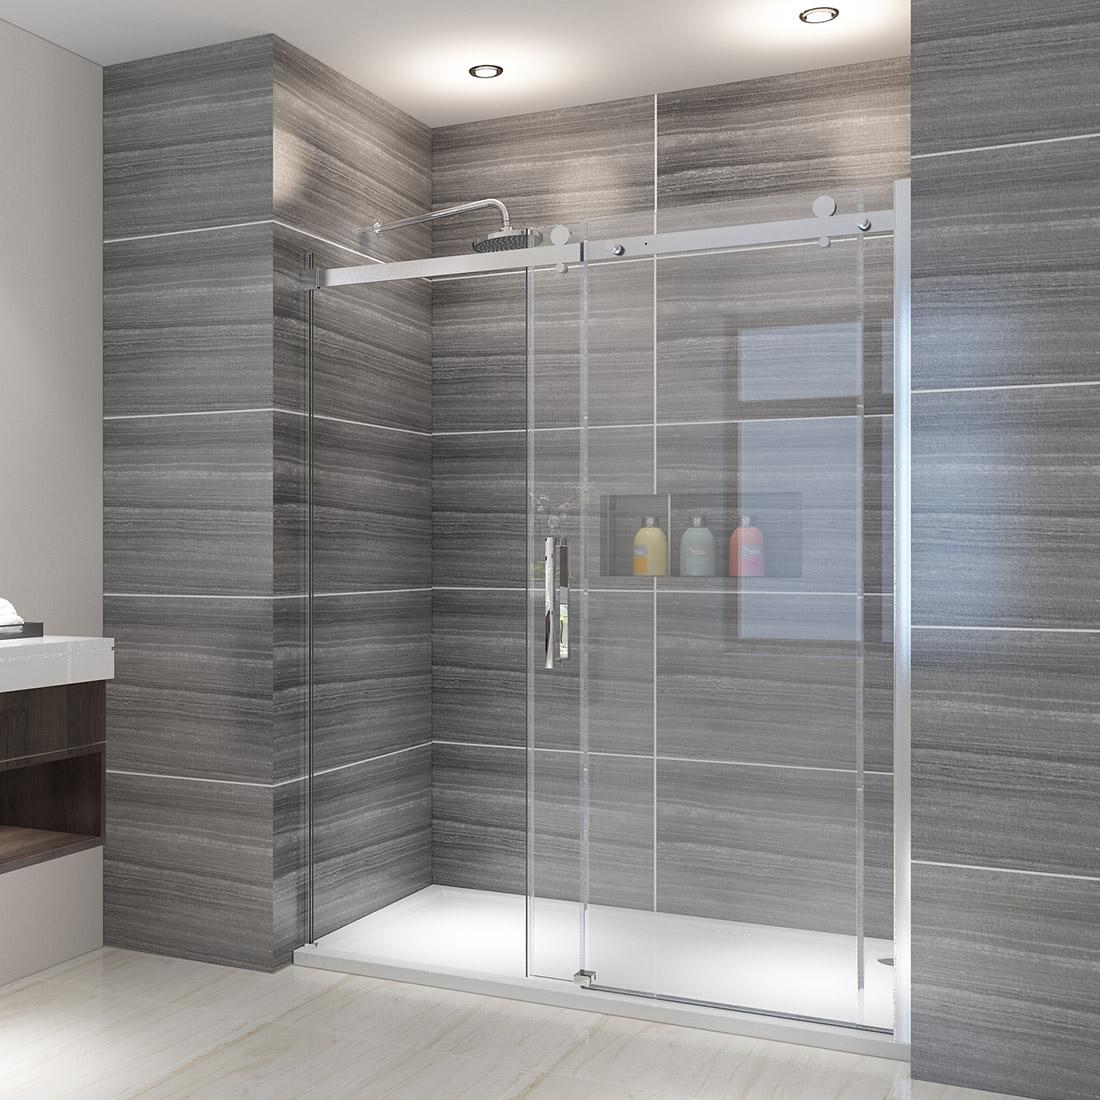 Details About Elegant Showers Semi Frameless Sliding 5 16 Glass Shower Doors 58 5 60 W Chrome